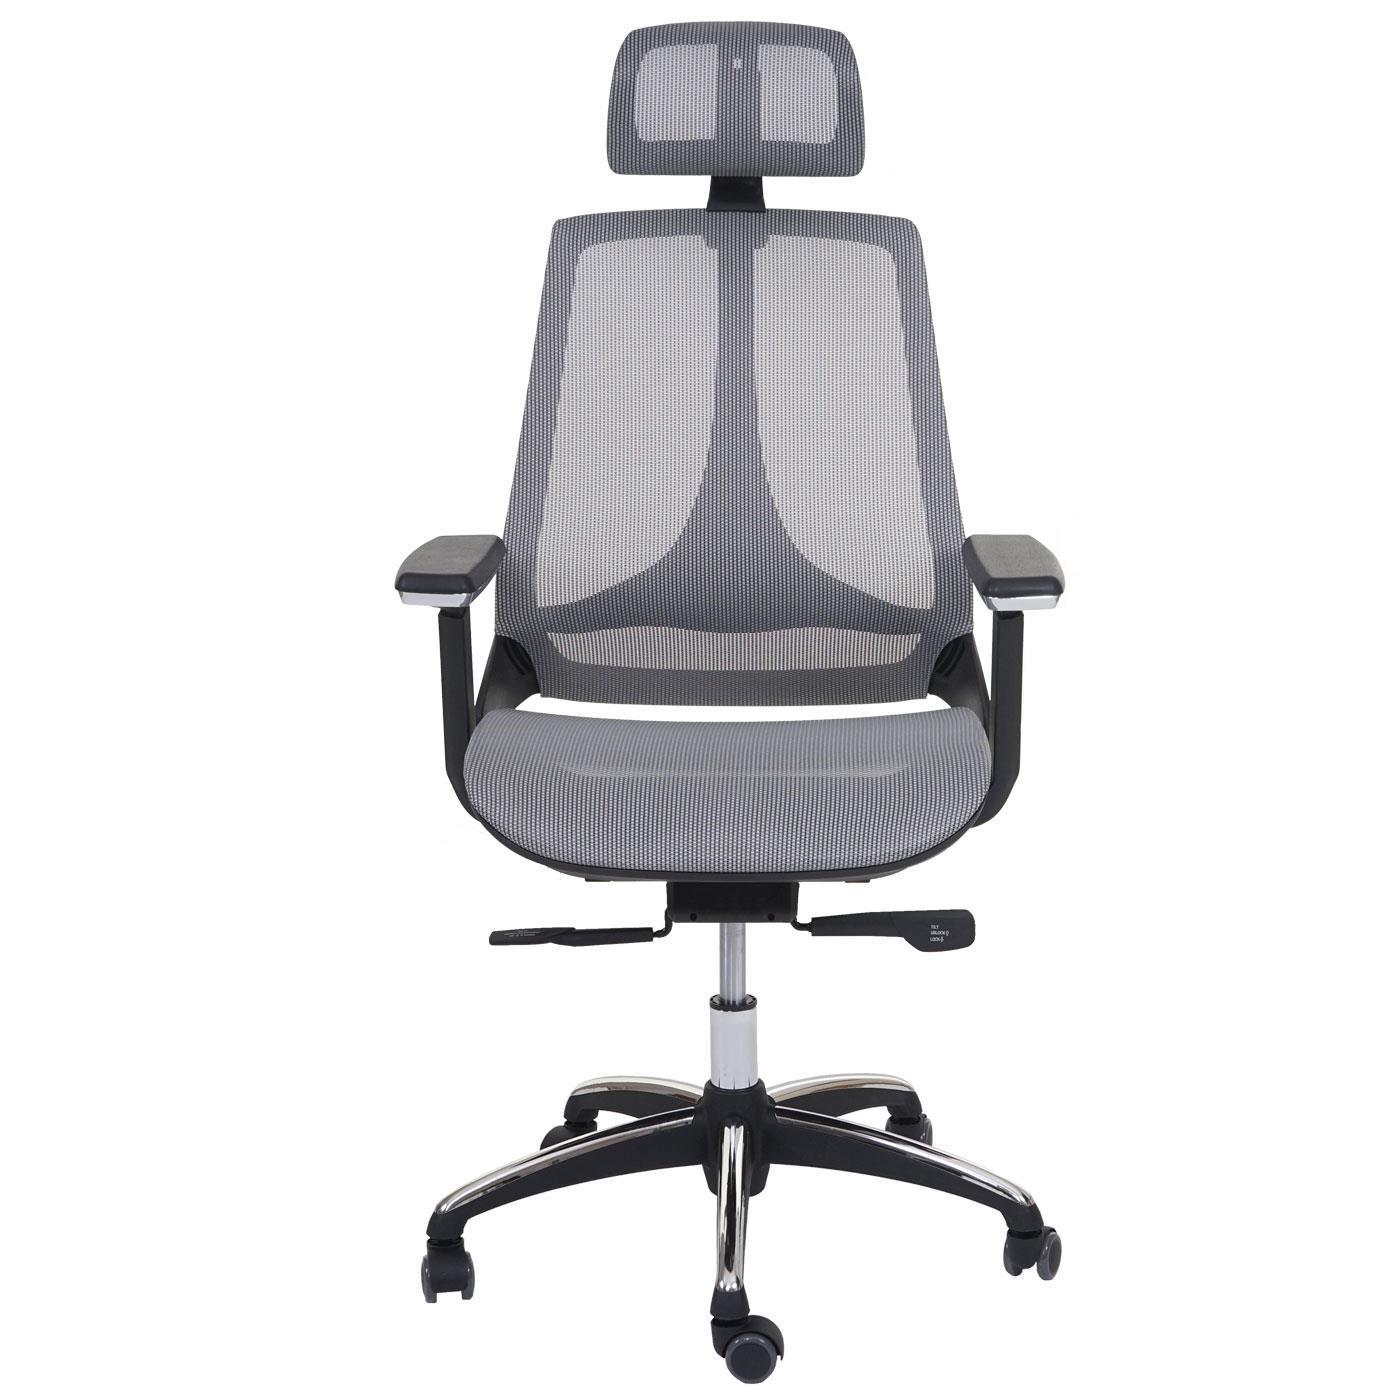 Sedia ergonomica ALAN, Meccanismo Sincronizzato, Uso 8 Ore ...